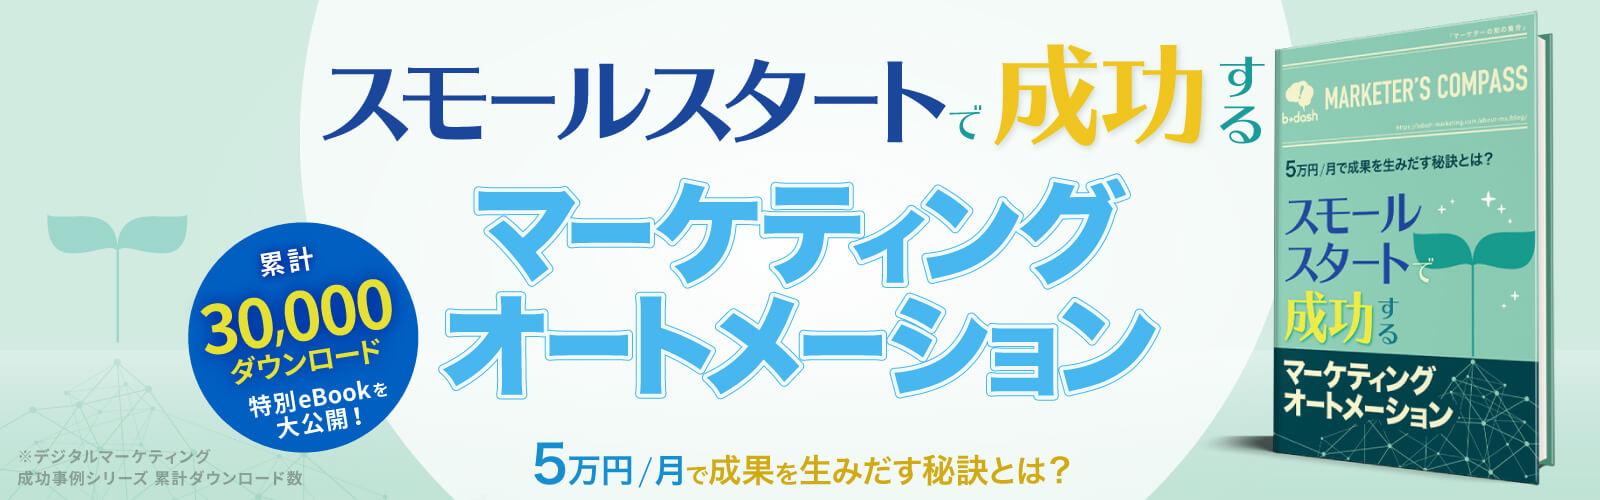 スモールスタートで成功するマーケティングオートメーション 5万円/月で成果を生み出す秘訣とは?